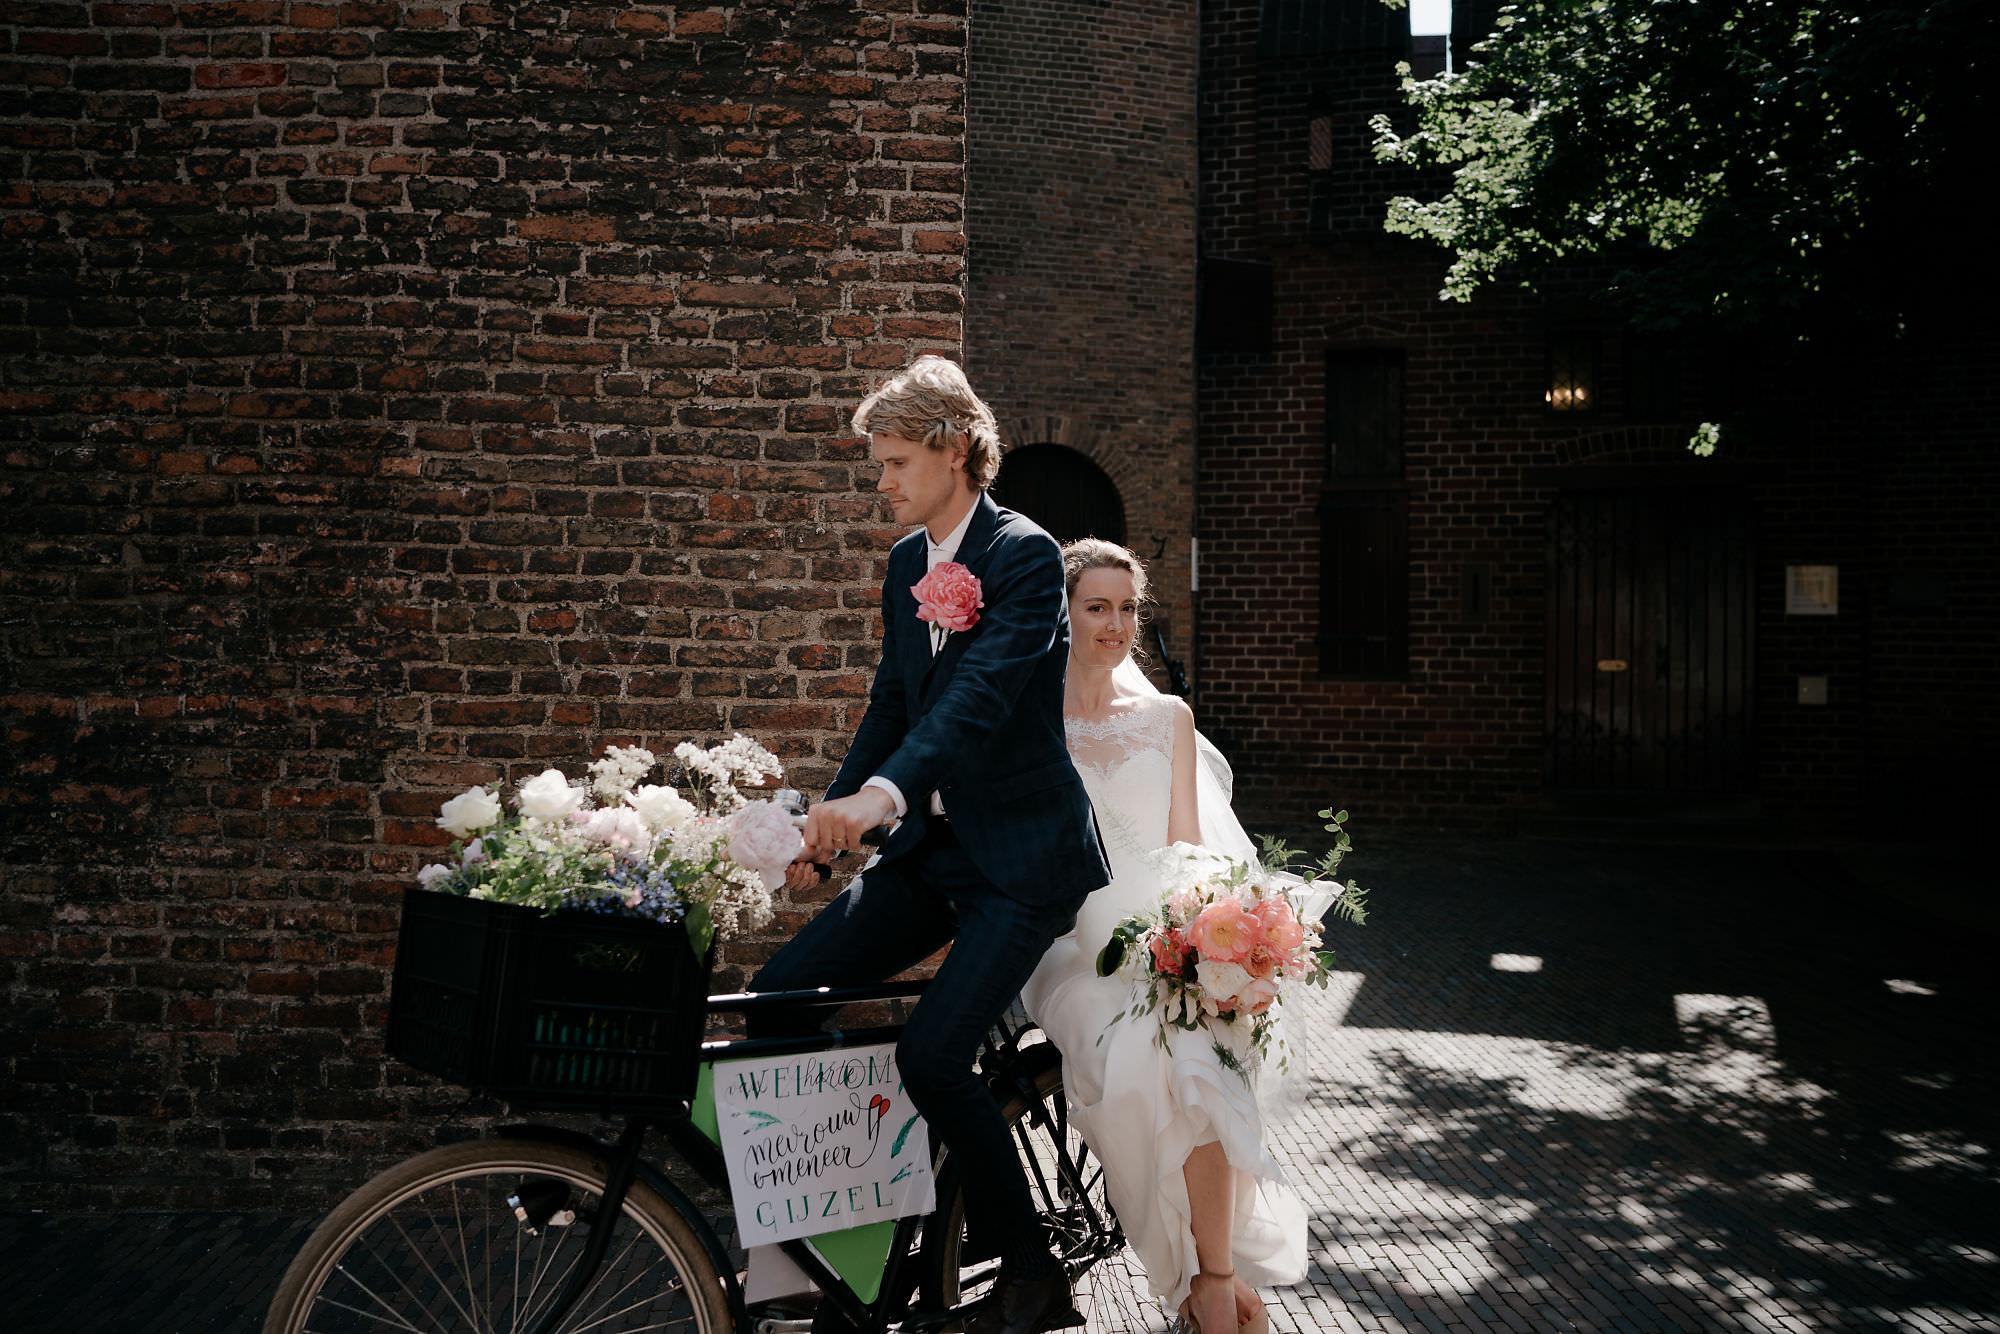 bruiloftfotografie utrecht beste fotograaf mark hadden